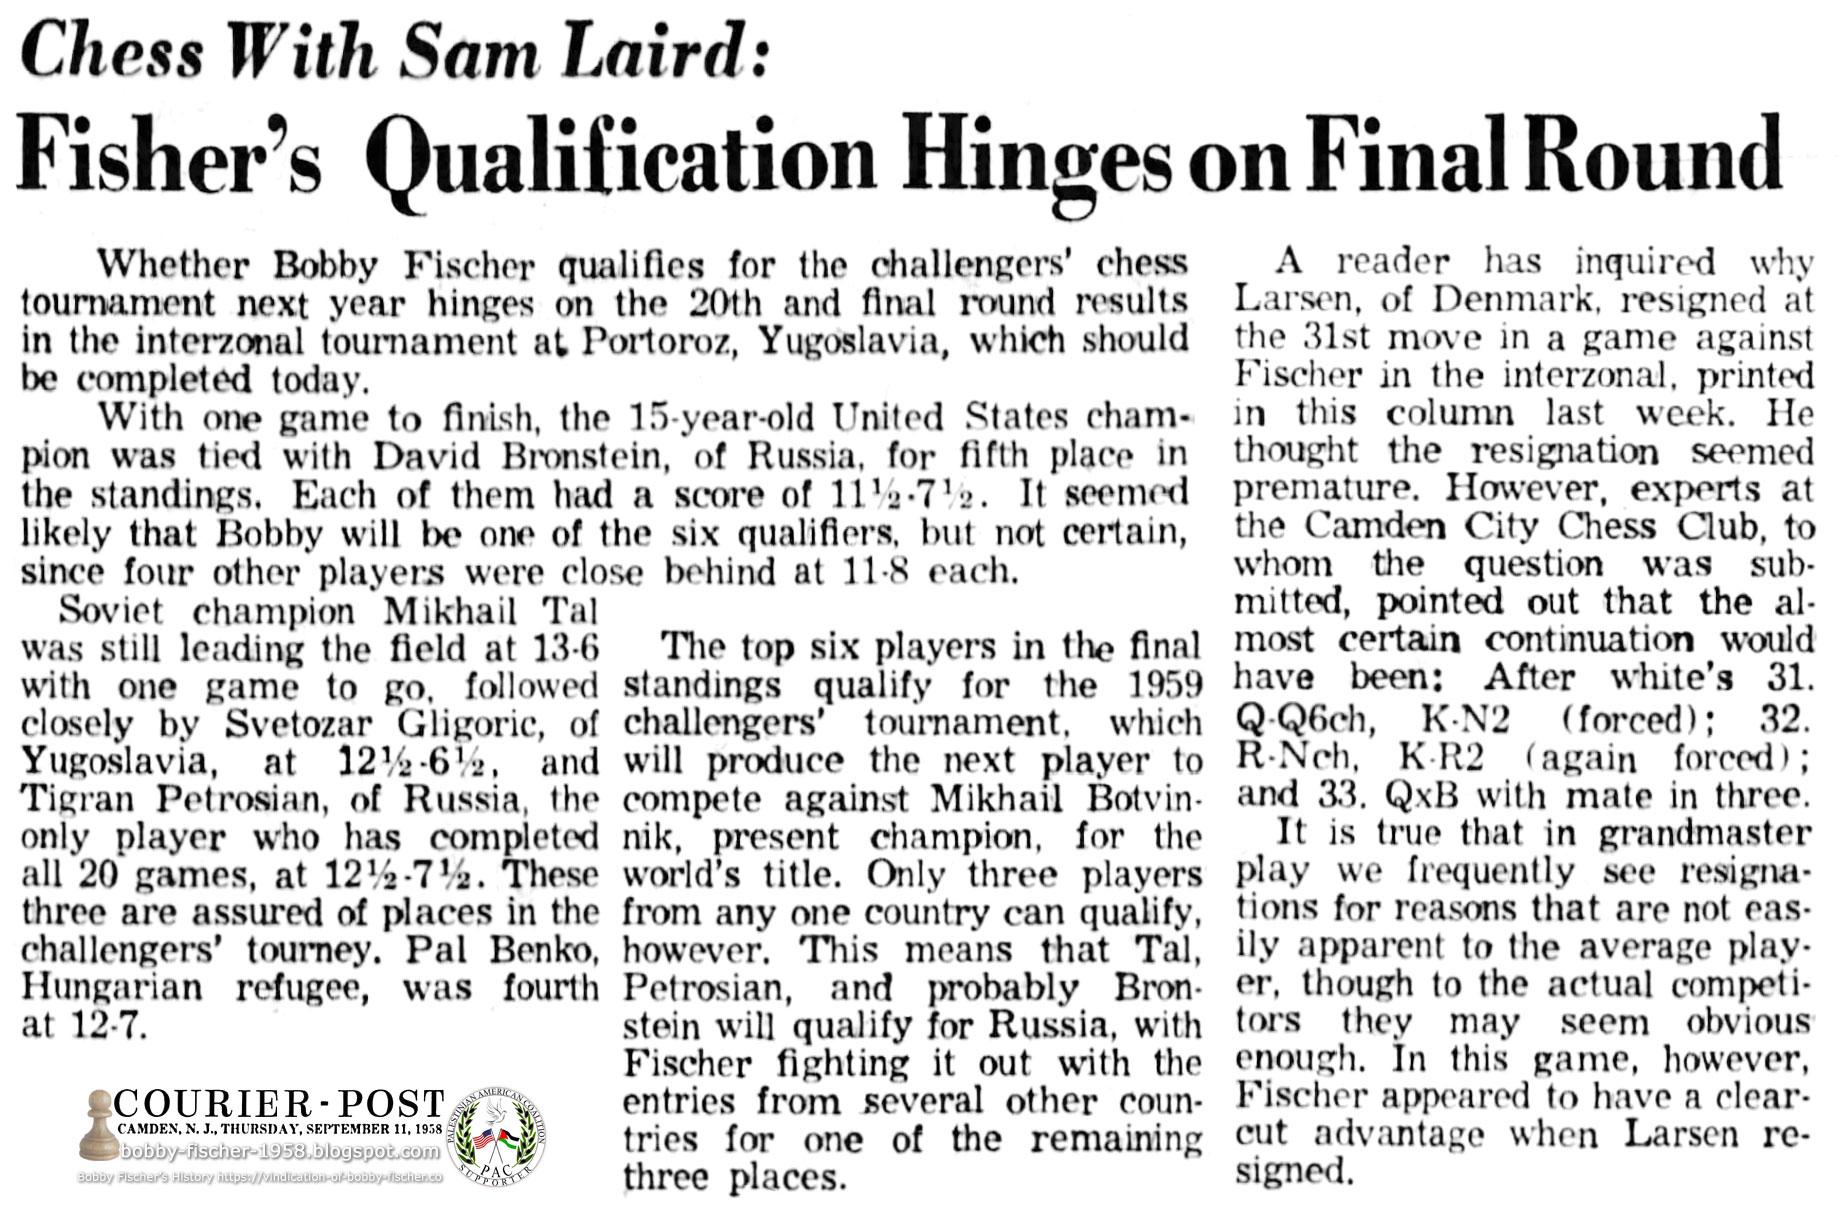 Fischer's Qualification Hinges on Final Round